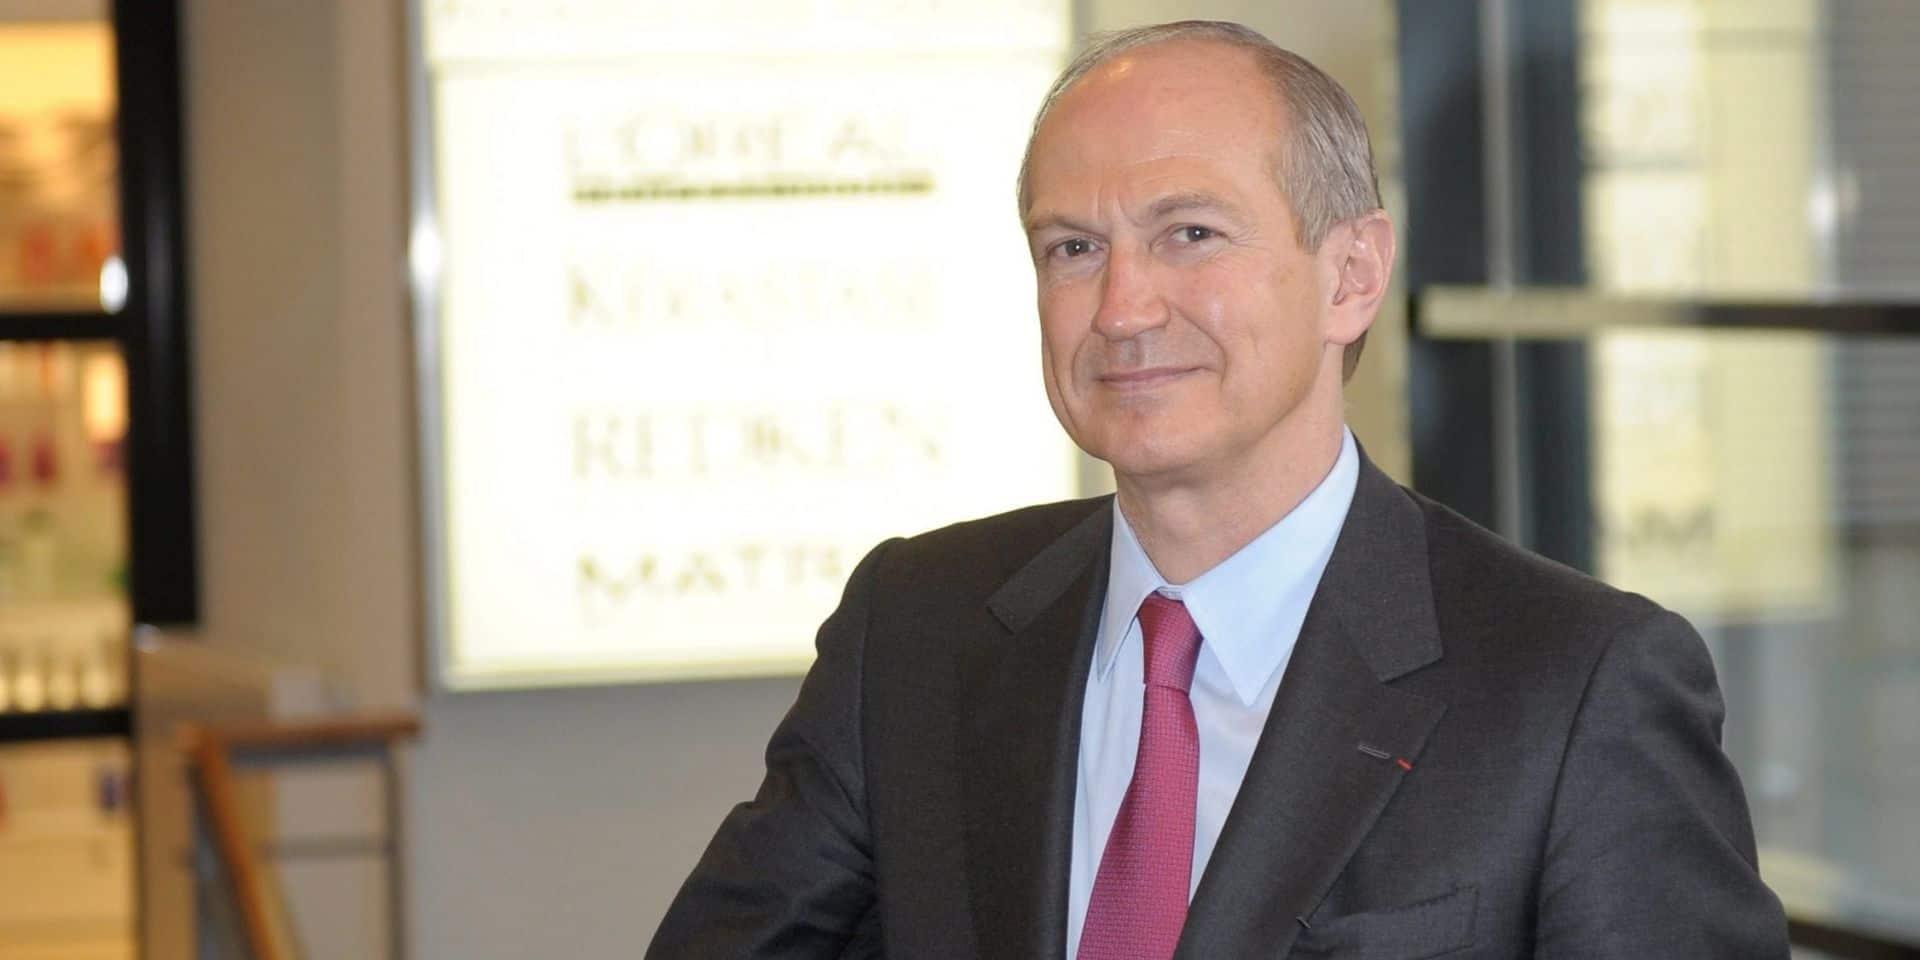 """Jean-Paul Agon (CEO L'Oréal) : """"L'Oréal a anticipé les grands tournants historiques du monde"""""""